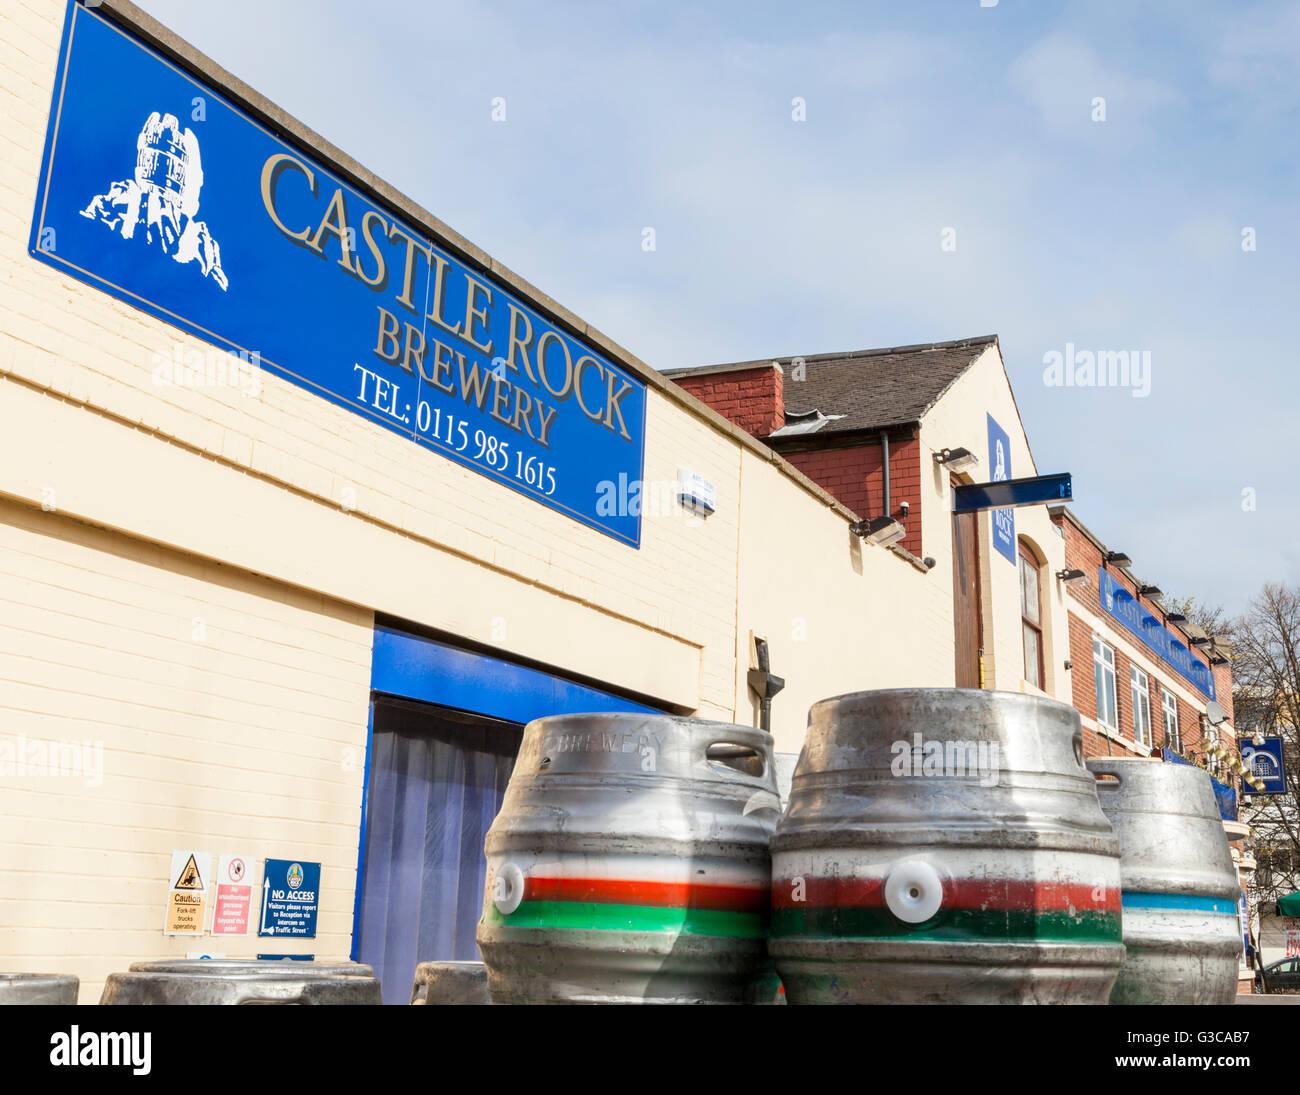 Castle Rock brewery, Nottingham, England, UK - Stock Image